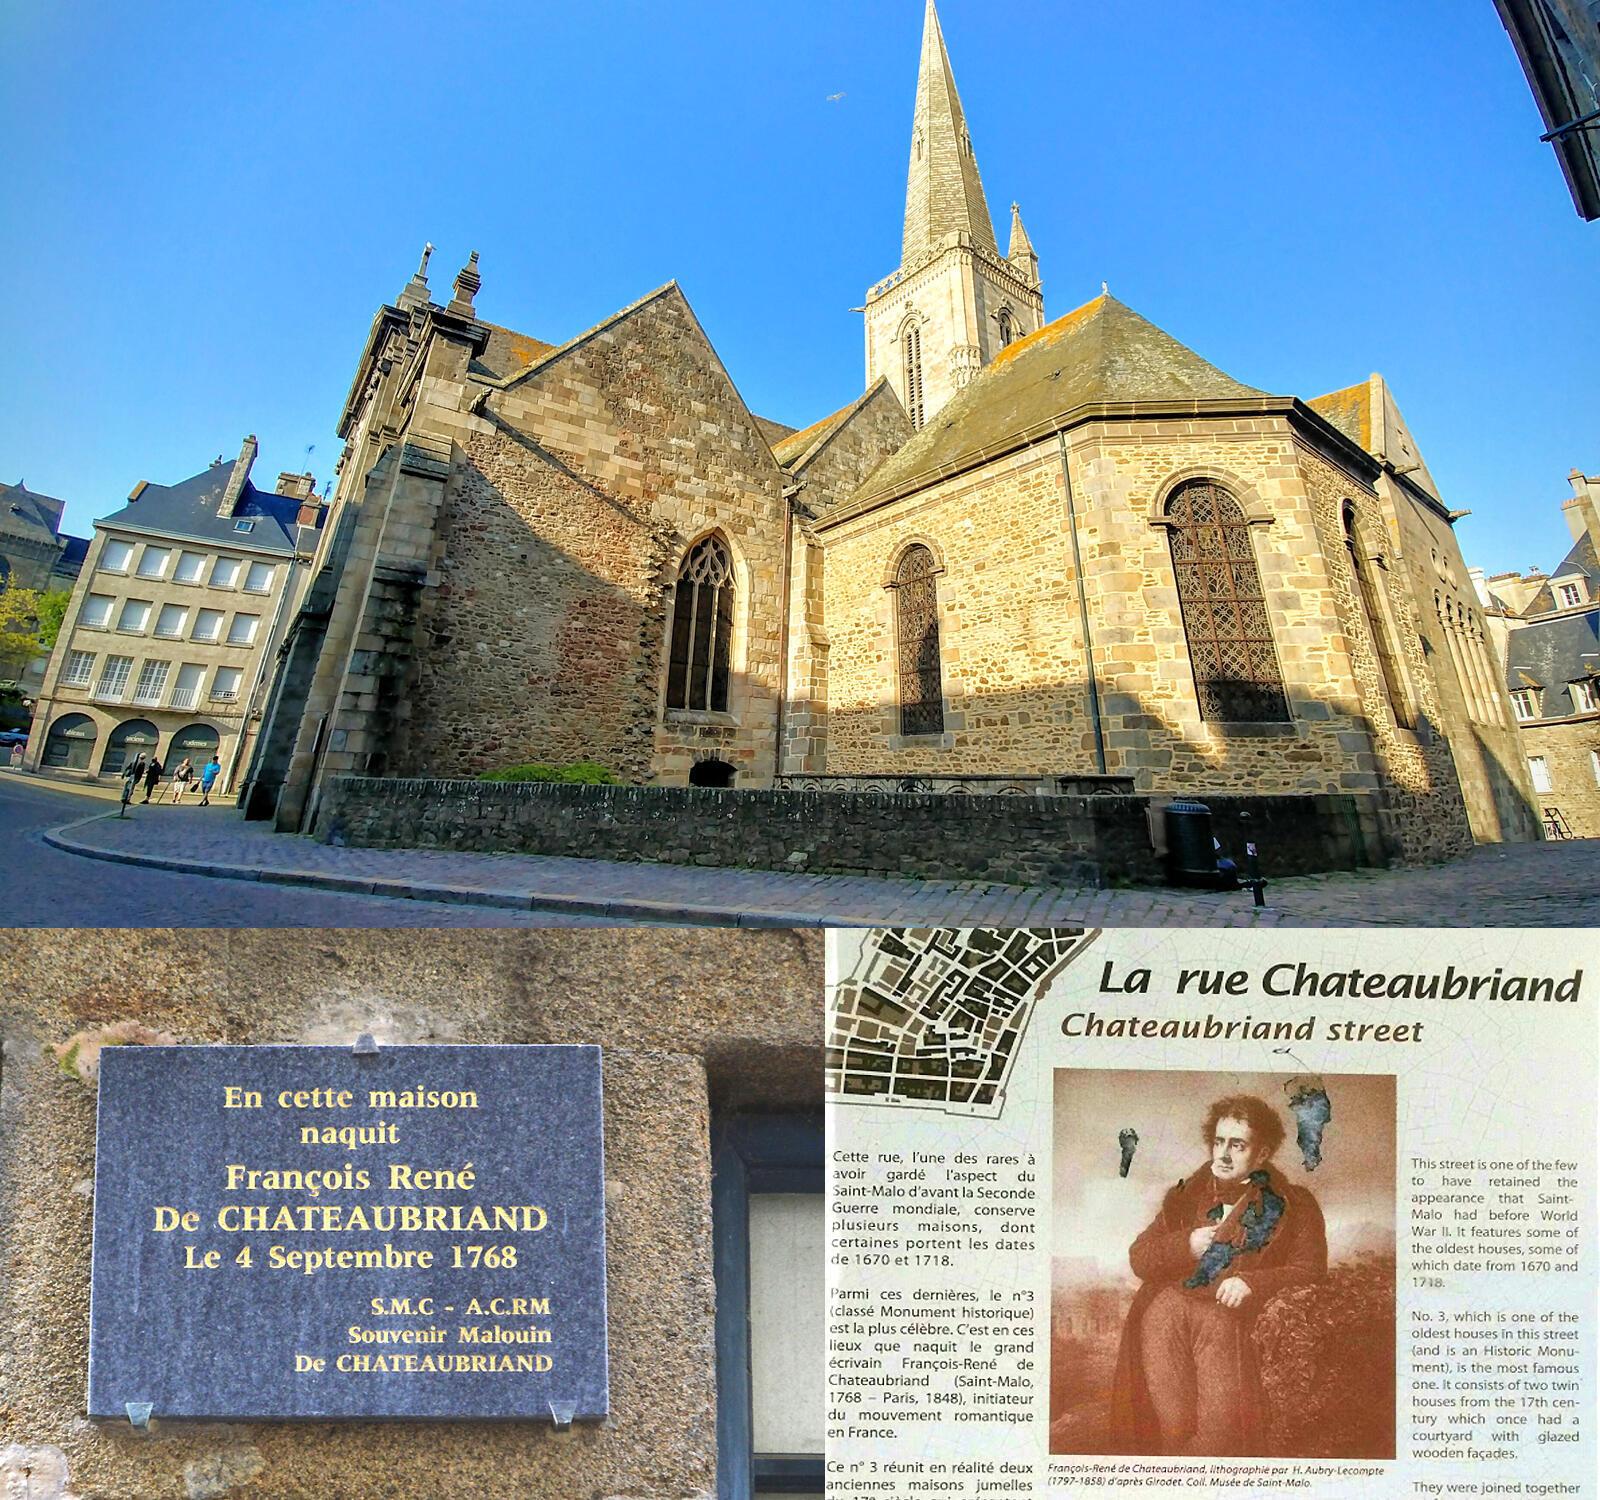 Thánh đường Saint-Vincent, nơi làm lễ rửa tội cho nhà văn Chateaubriand. Tại Saint-Malo, có một con đường và nhà hát thành phố mang tên Chateaubriand